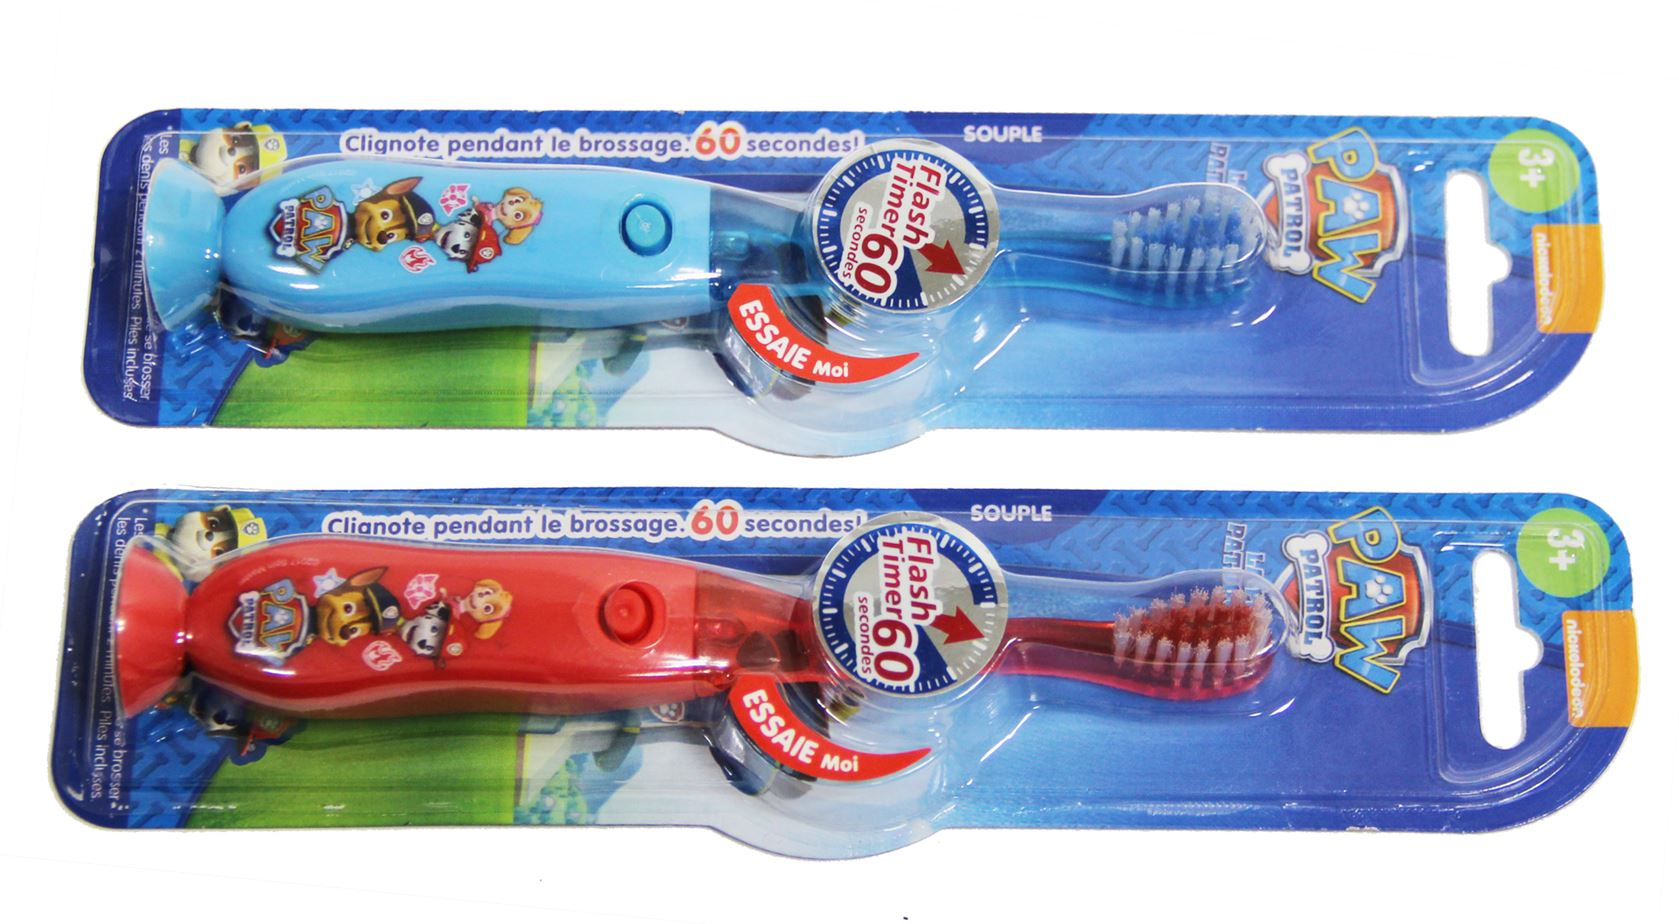 tinokou tandenborstel flashing timer paw patrol